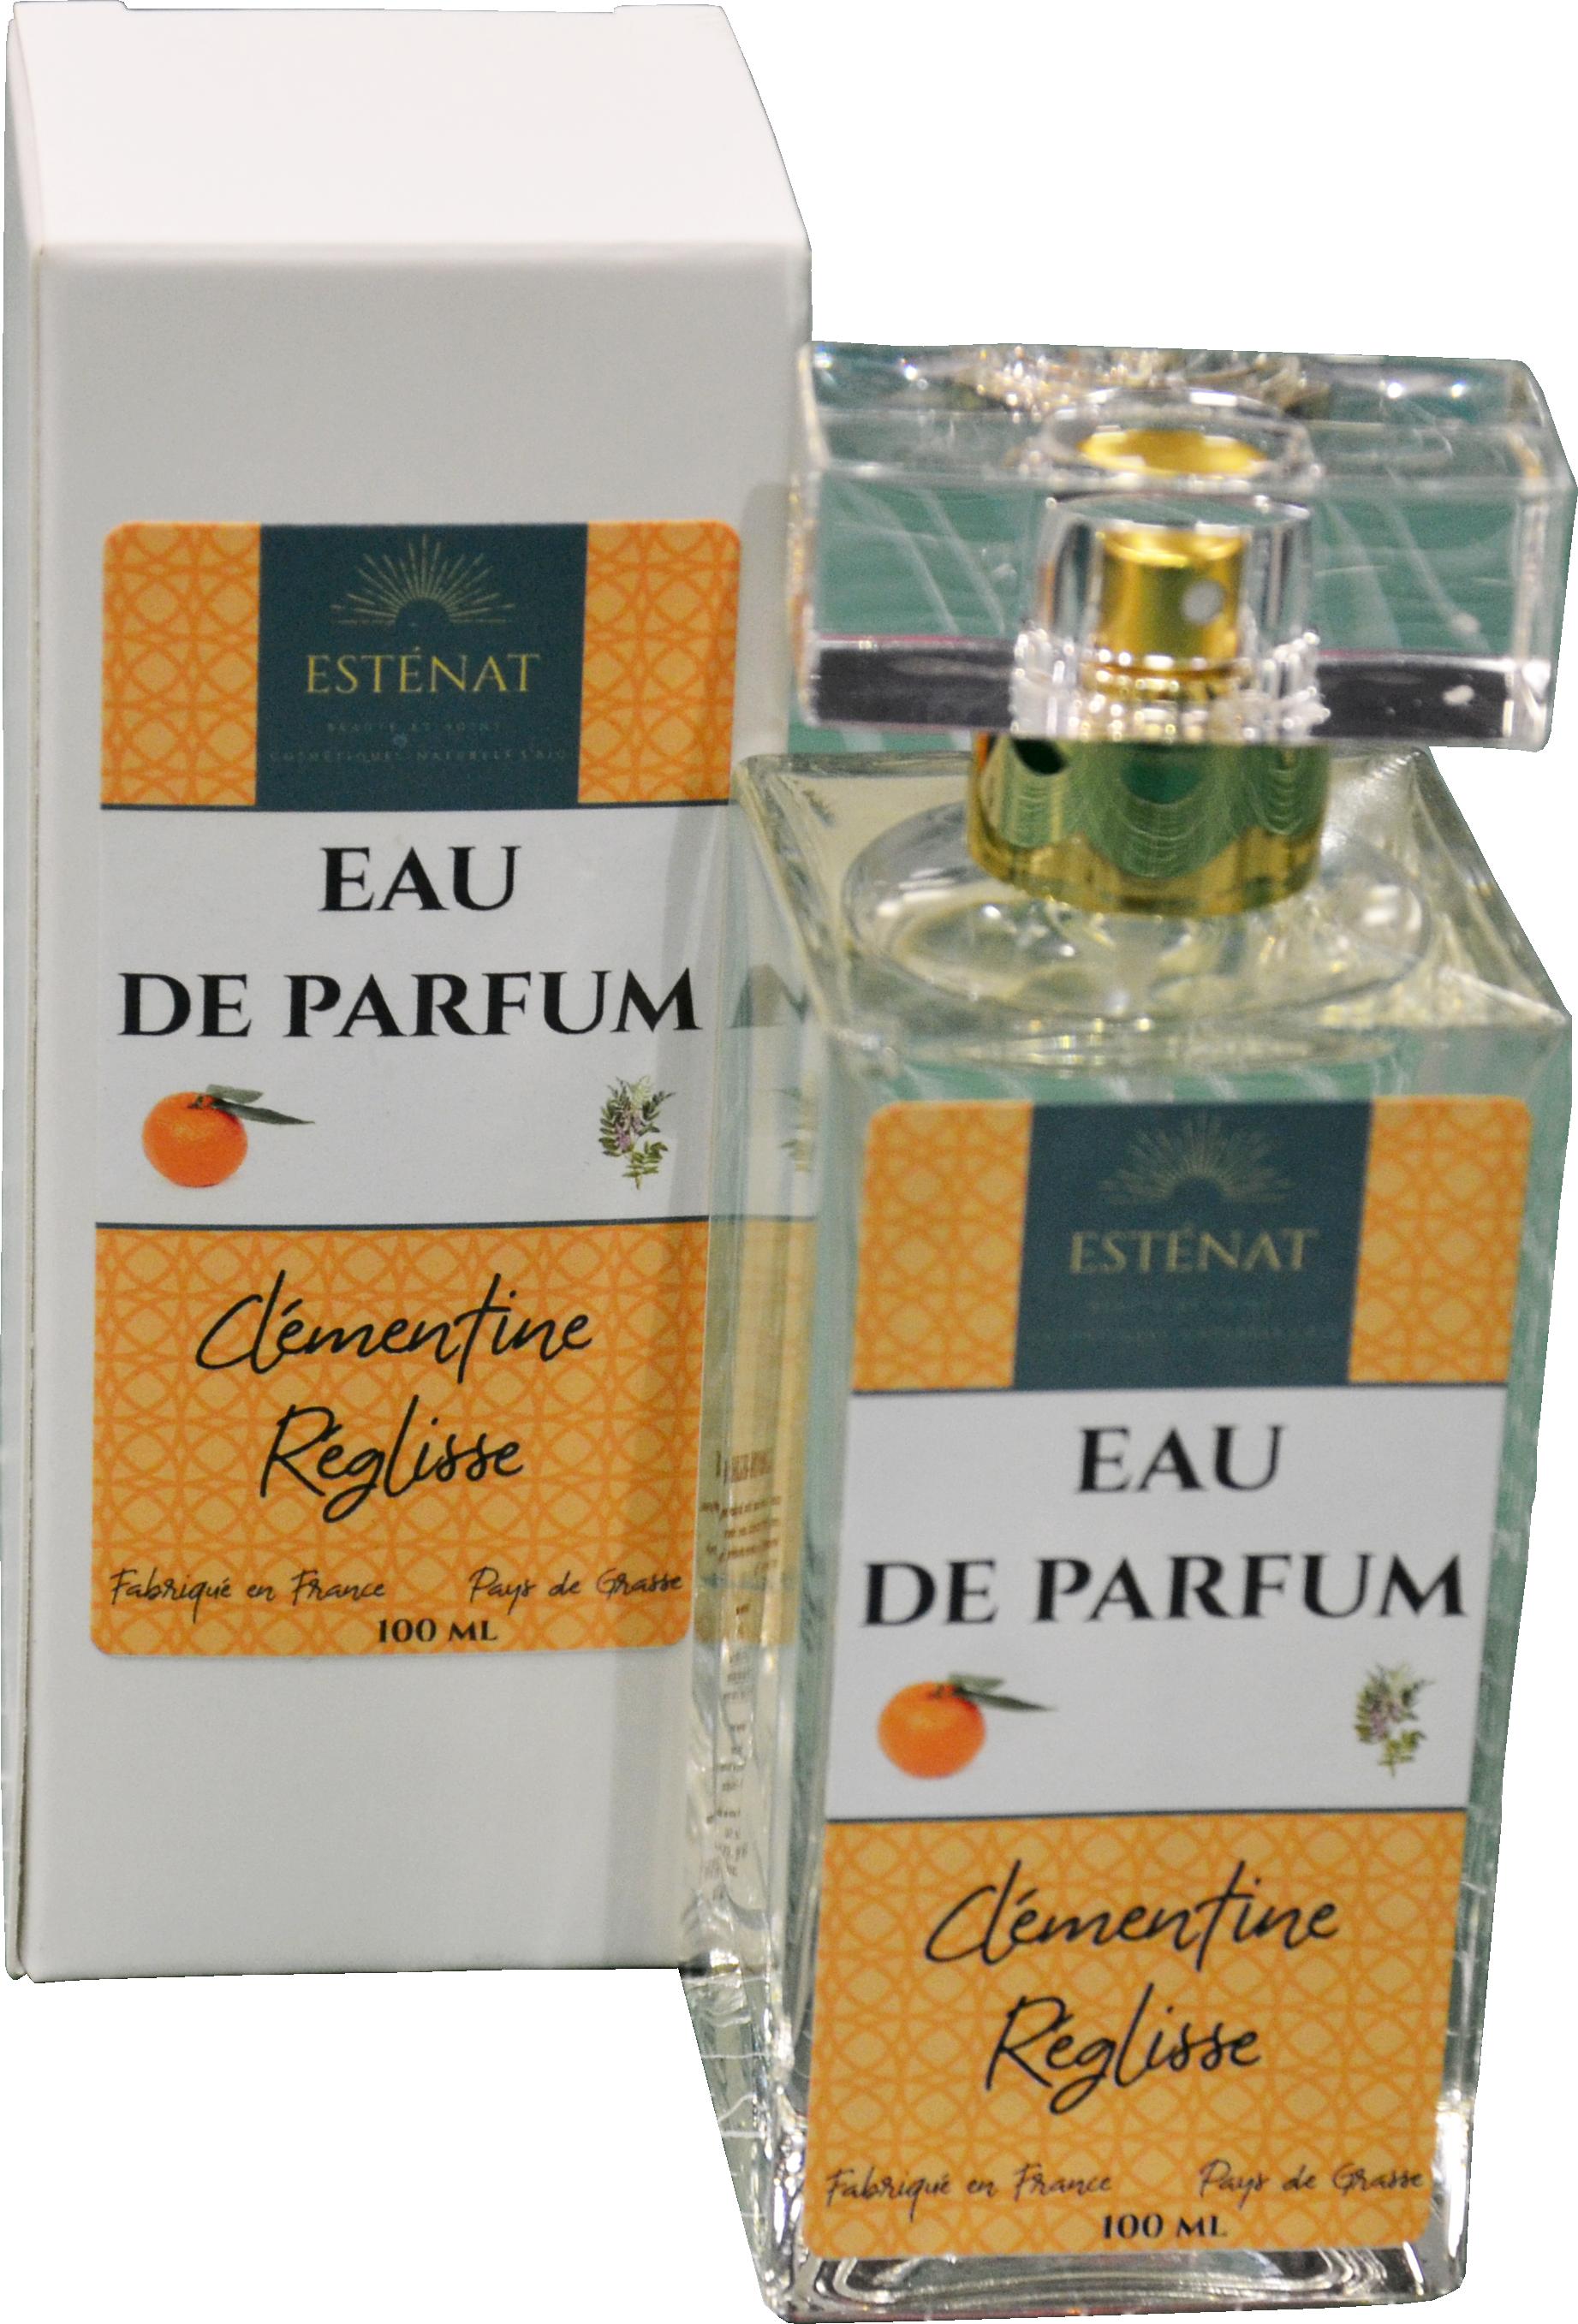 Eau de parfum Clémentine - Réglisse. Parfum de Grasse